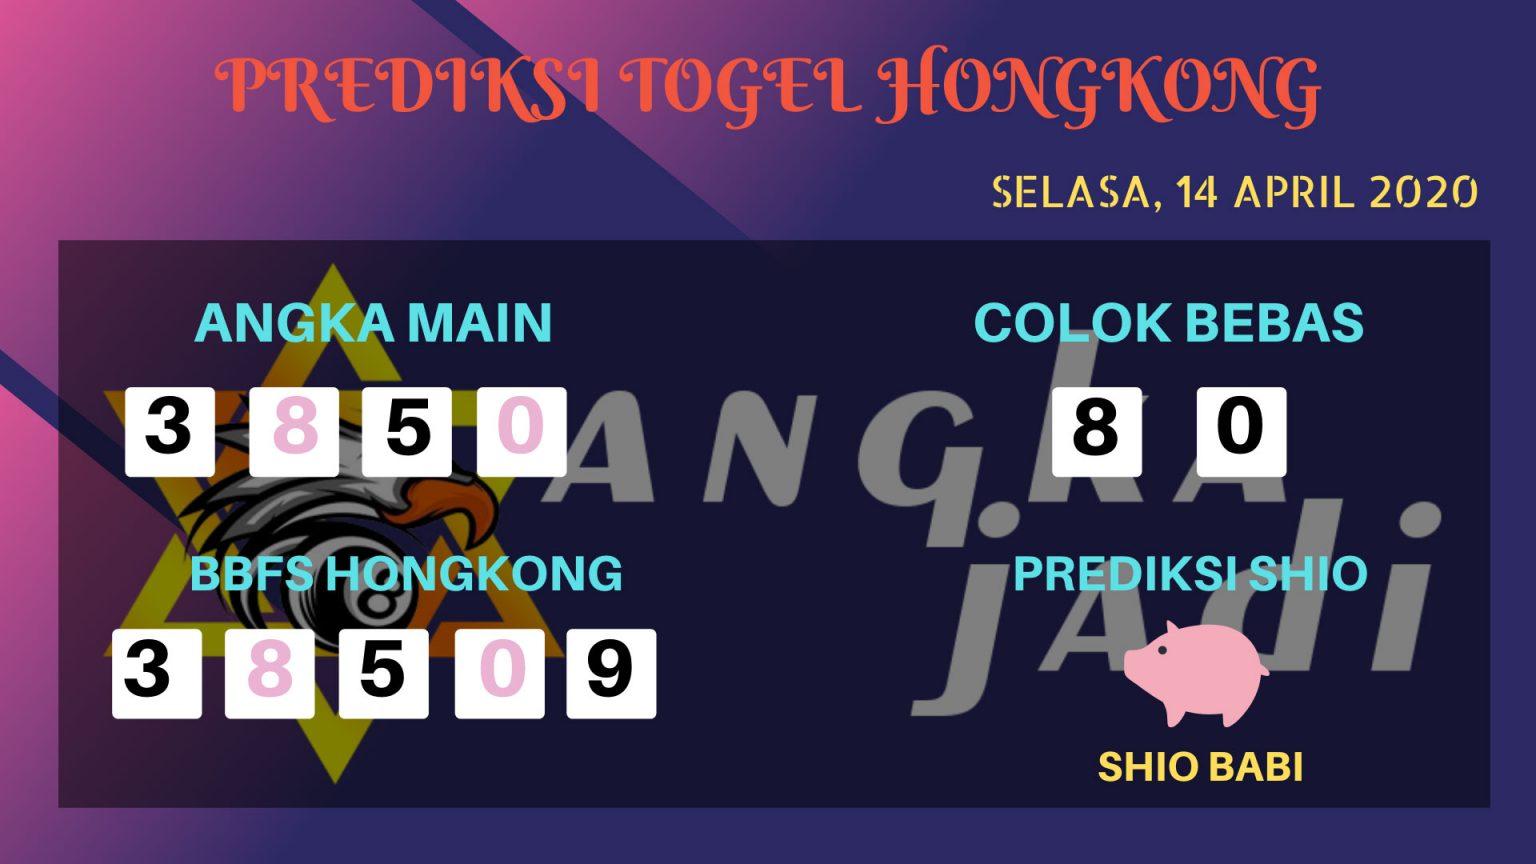 Prediksi HK malam Ini Selasa 14 April 2020 - Prediksi Angka HK